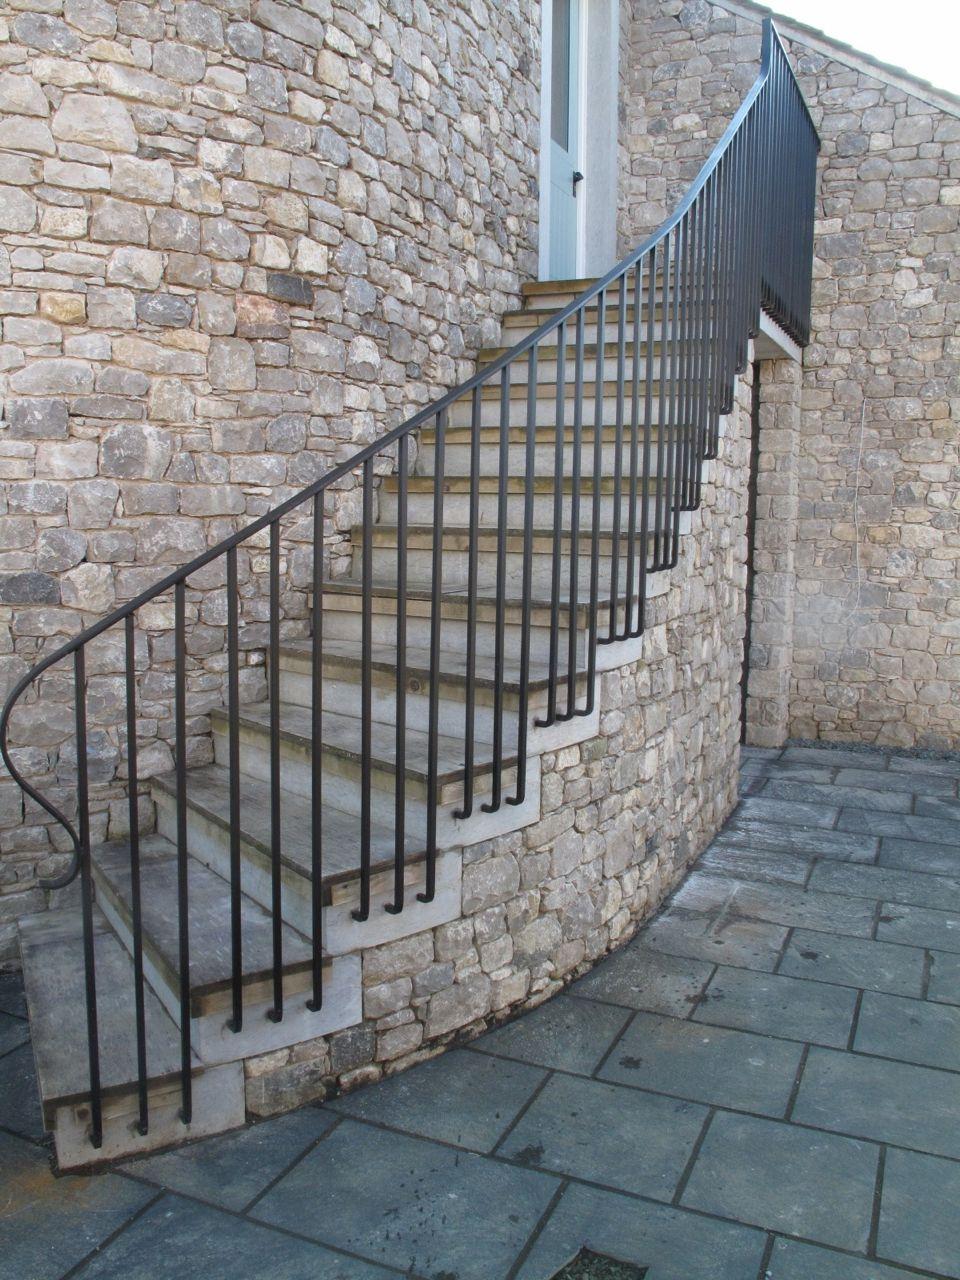 External Stair IMG_8991 copy